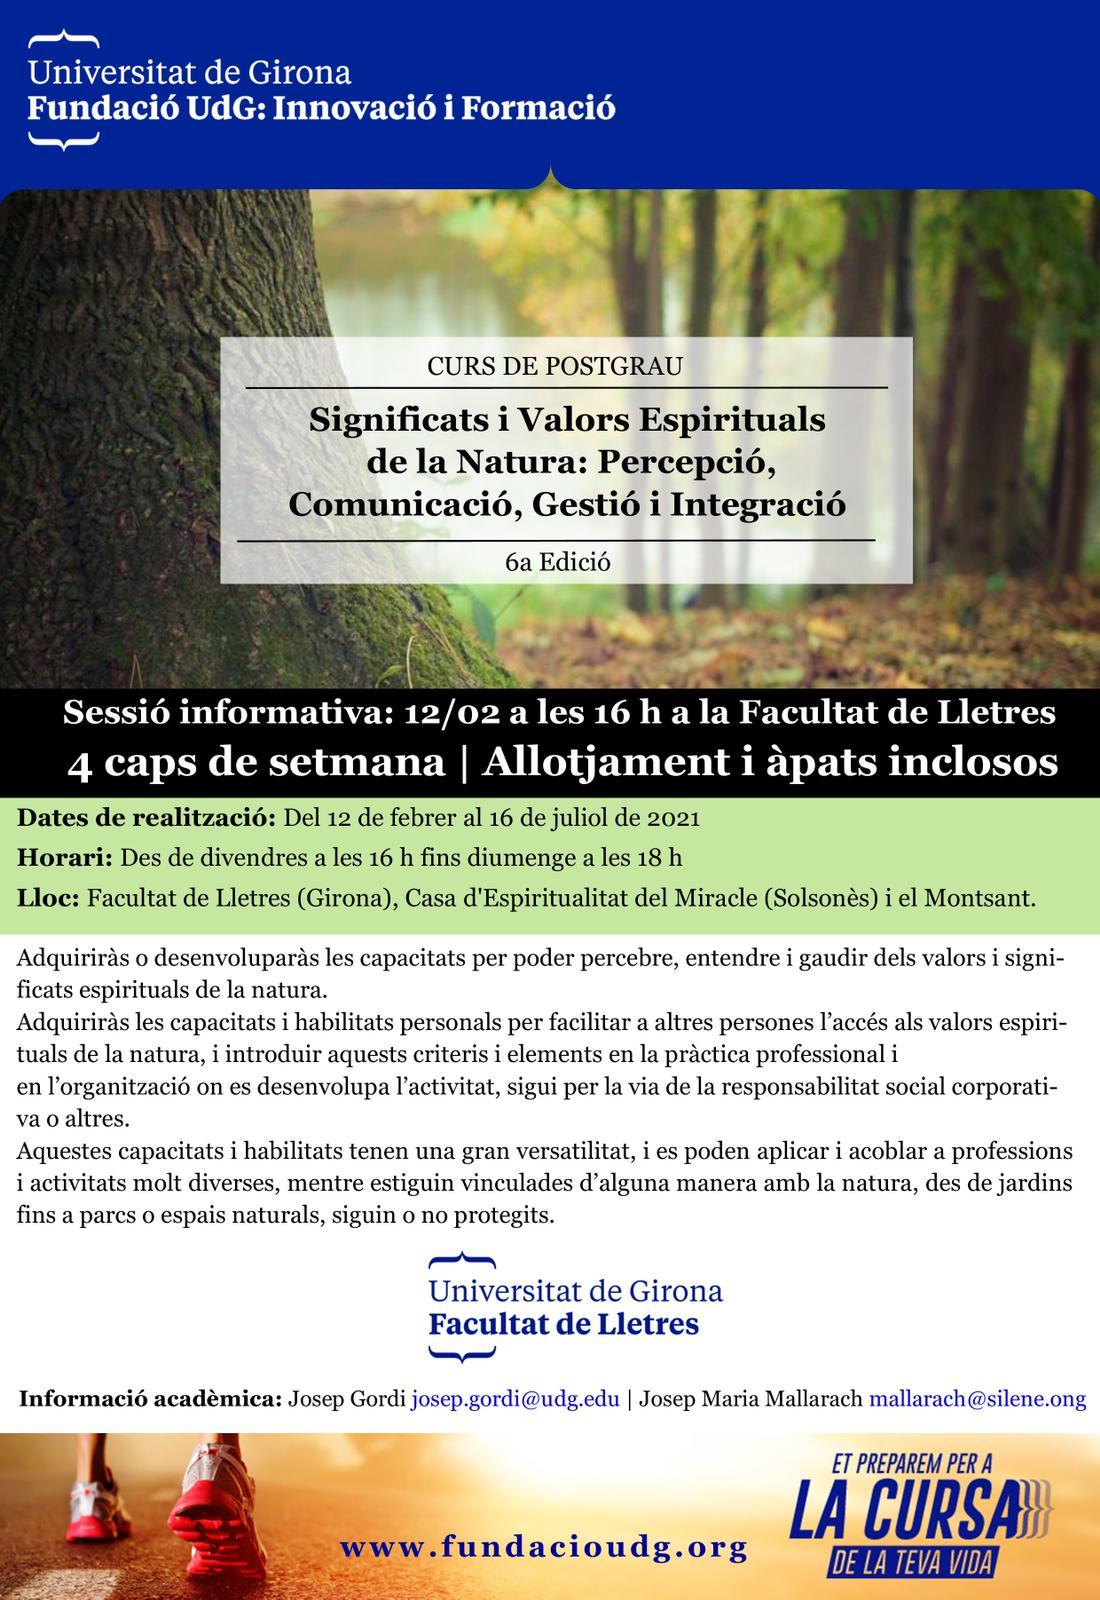 Curs de Postgrau en Significats i Valors Espirituals de la Natura: Percepció, Comunicació, Gestió i Integració 2021